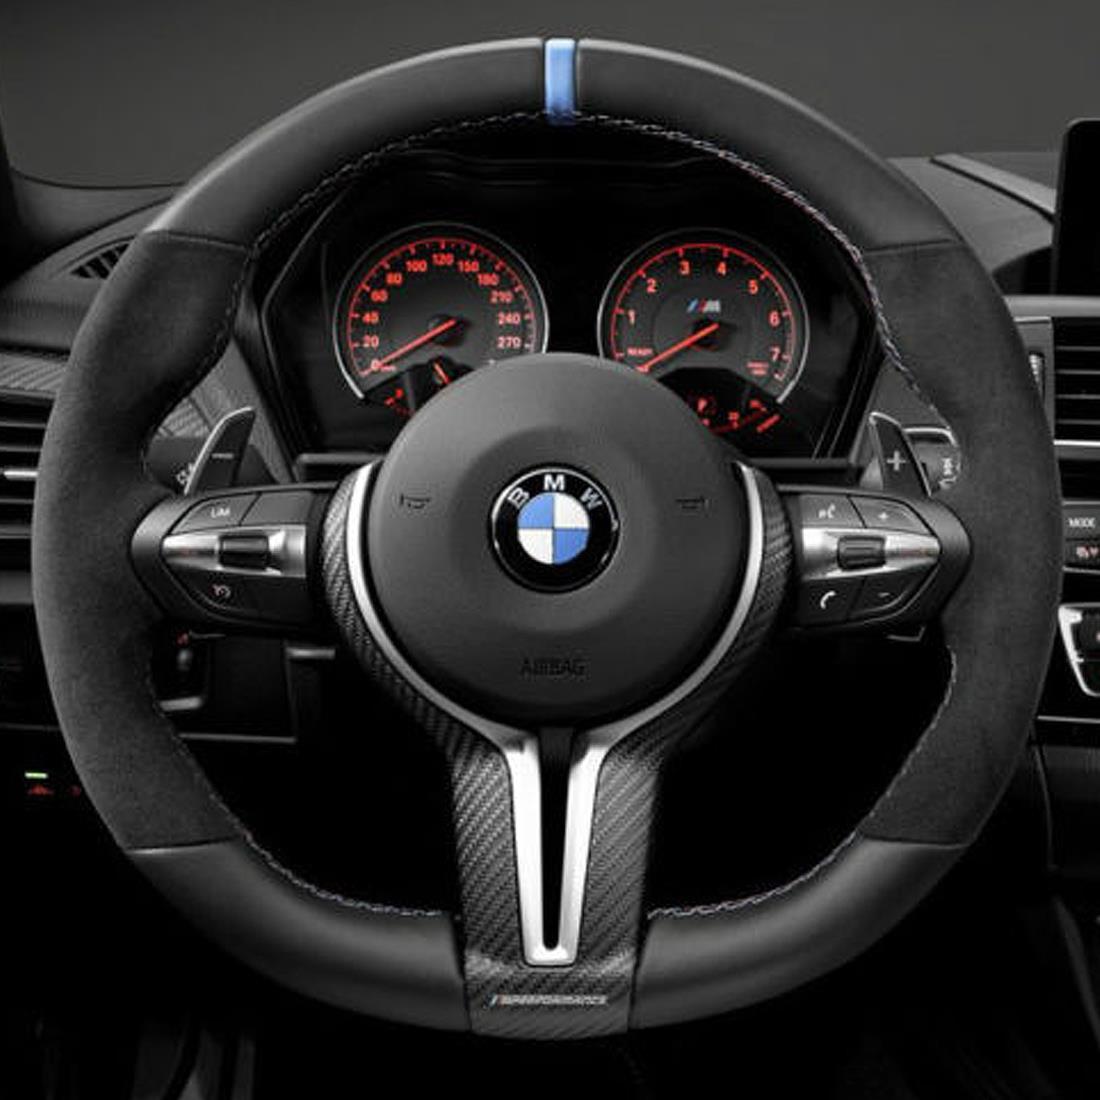 1976 BMW 2002 Parts >> ShopBMWUSA.com: BMW STEERING WHEEL III ALCANTARA/ LEATHER ...